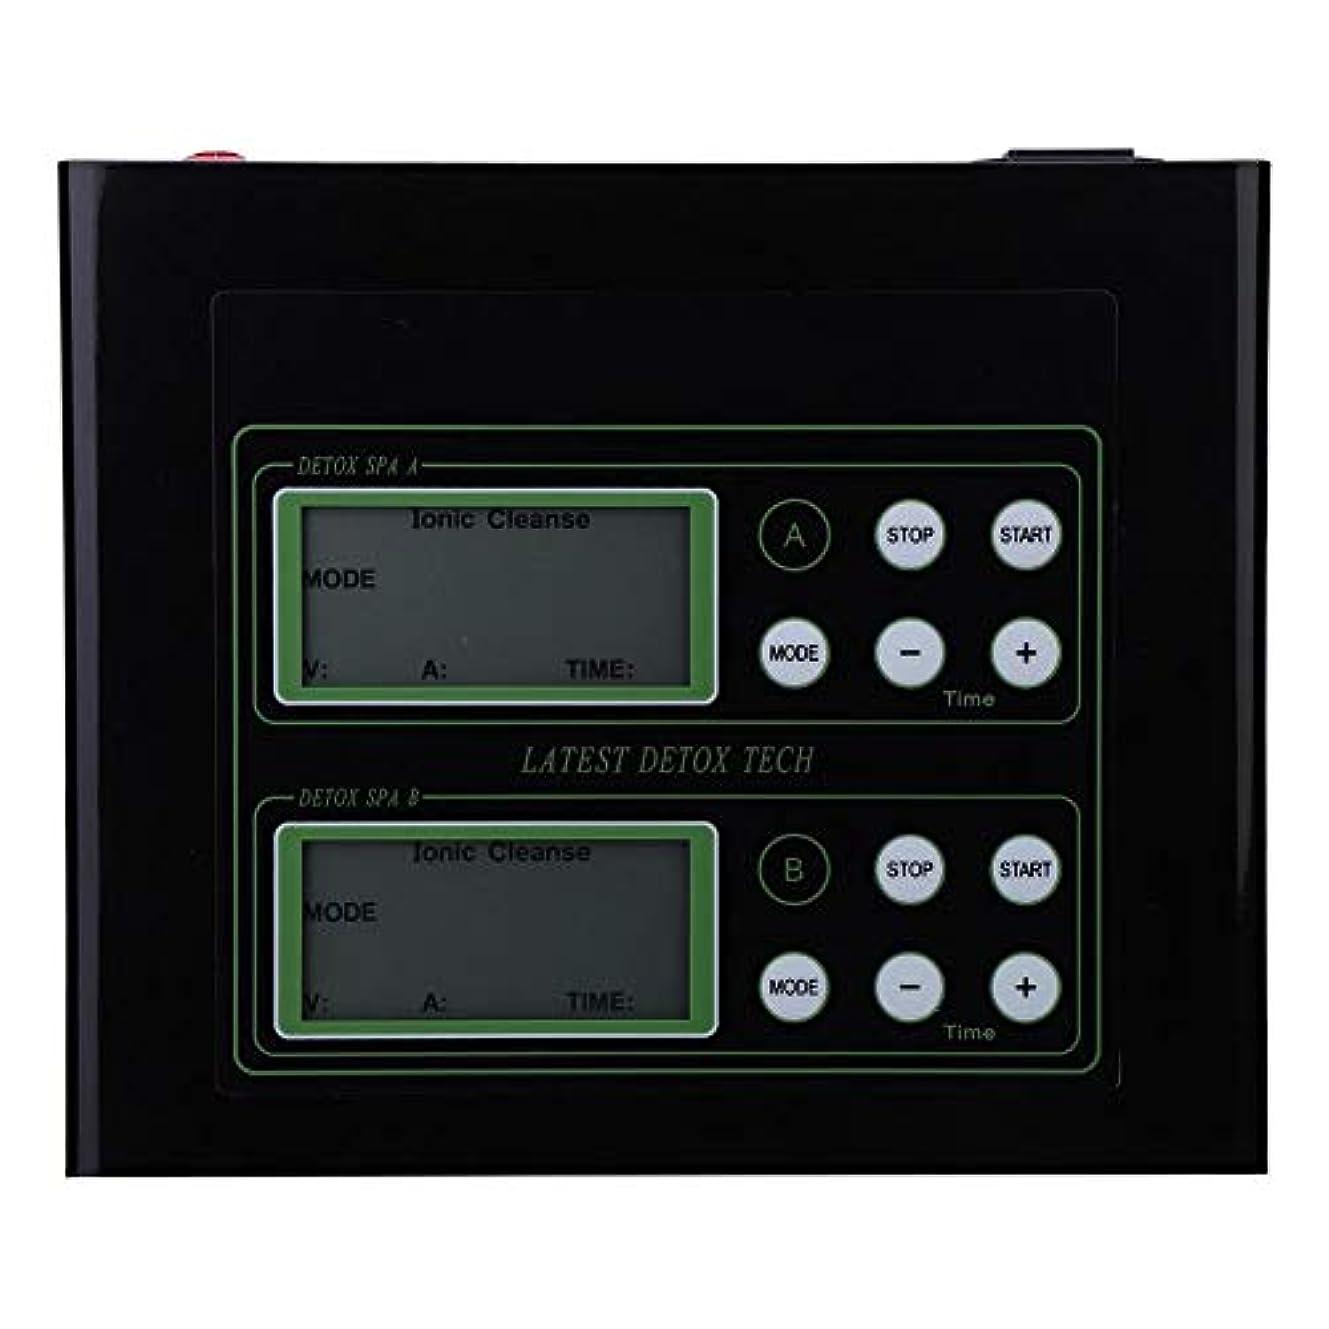 チートなる処分した60Wイオン解毒のフィート機械、親のギフトのためのLCD表示が付いているイオンのフィートの浴室の二重使用(US)